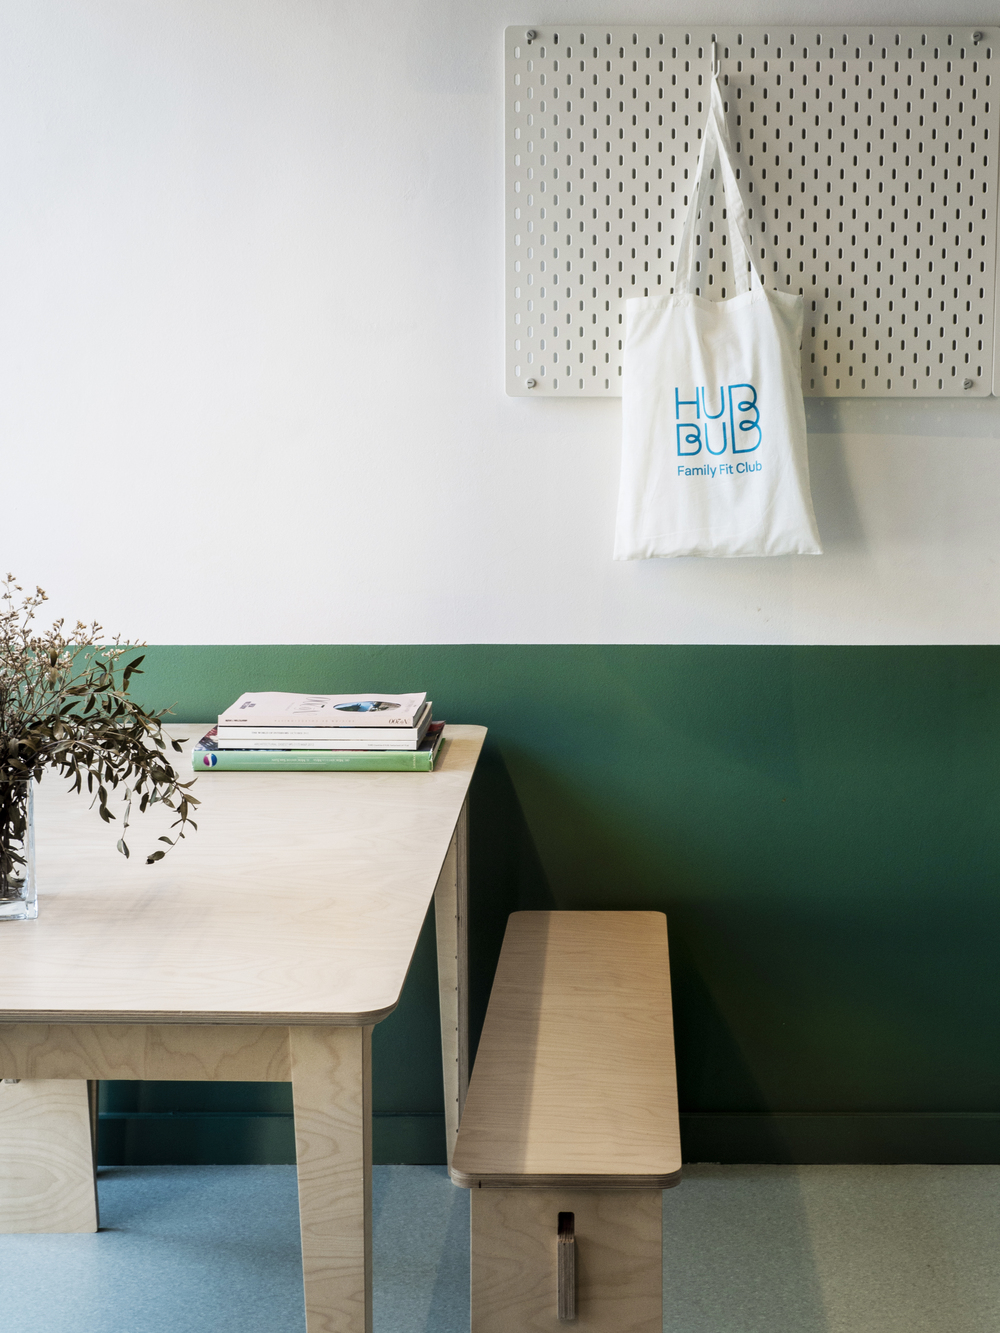 pared verde y mesa y banco de madera. Hubbub Family Fit Club.